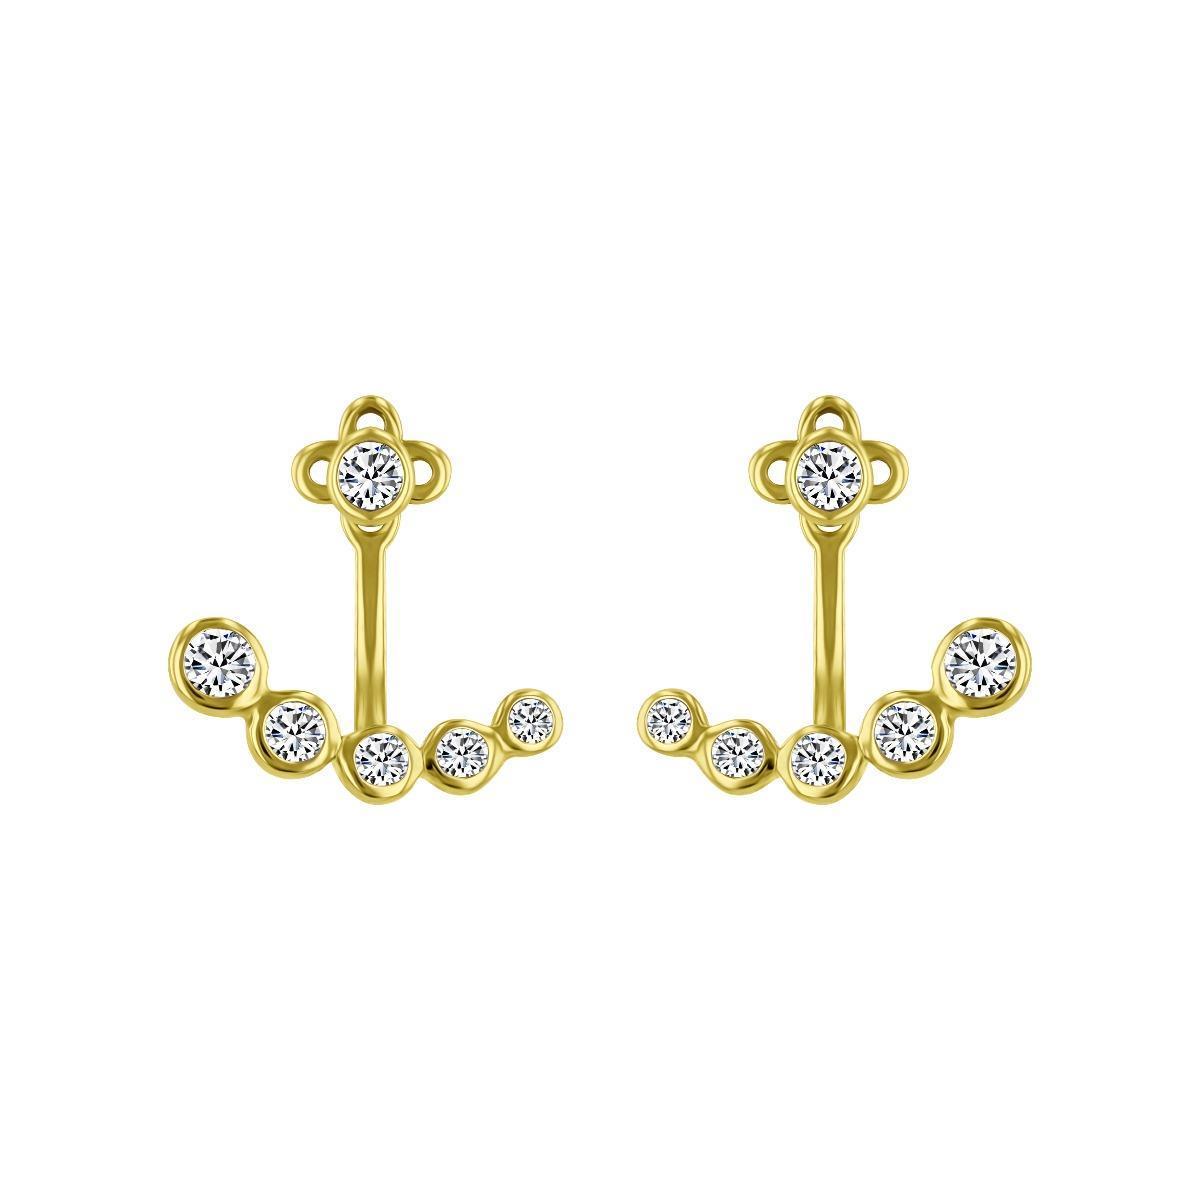 Diamond Stud Earrings with Diamond Jacket | 9K Yellow Gold